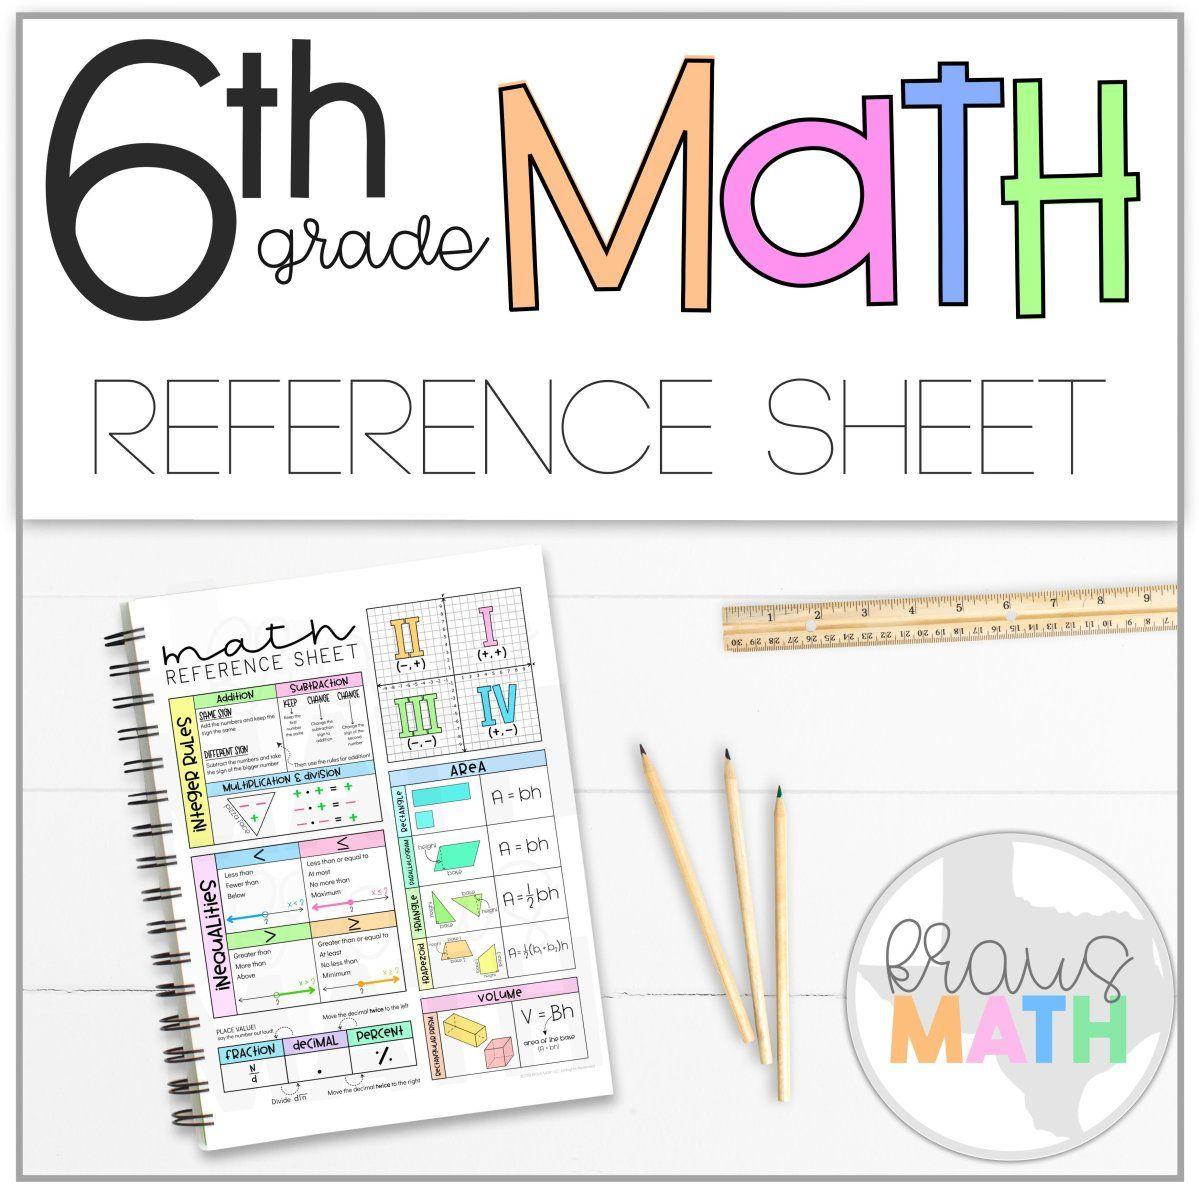 6th Grade Math Reference Sheet Math reference sheet